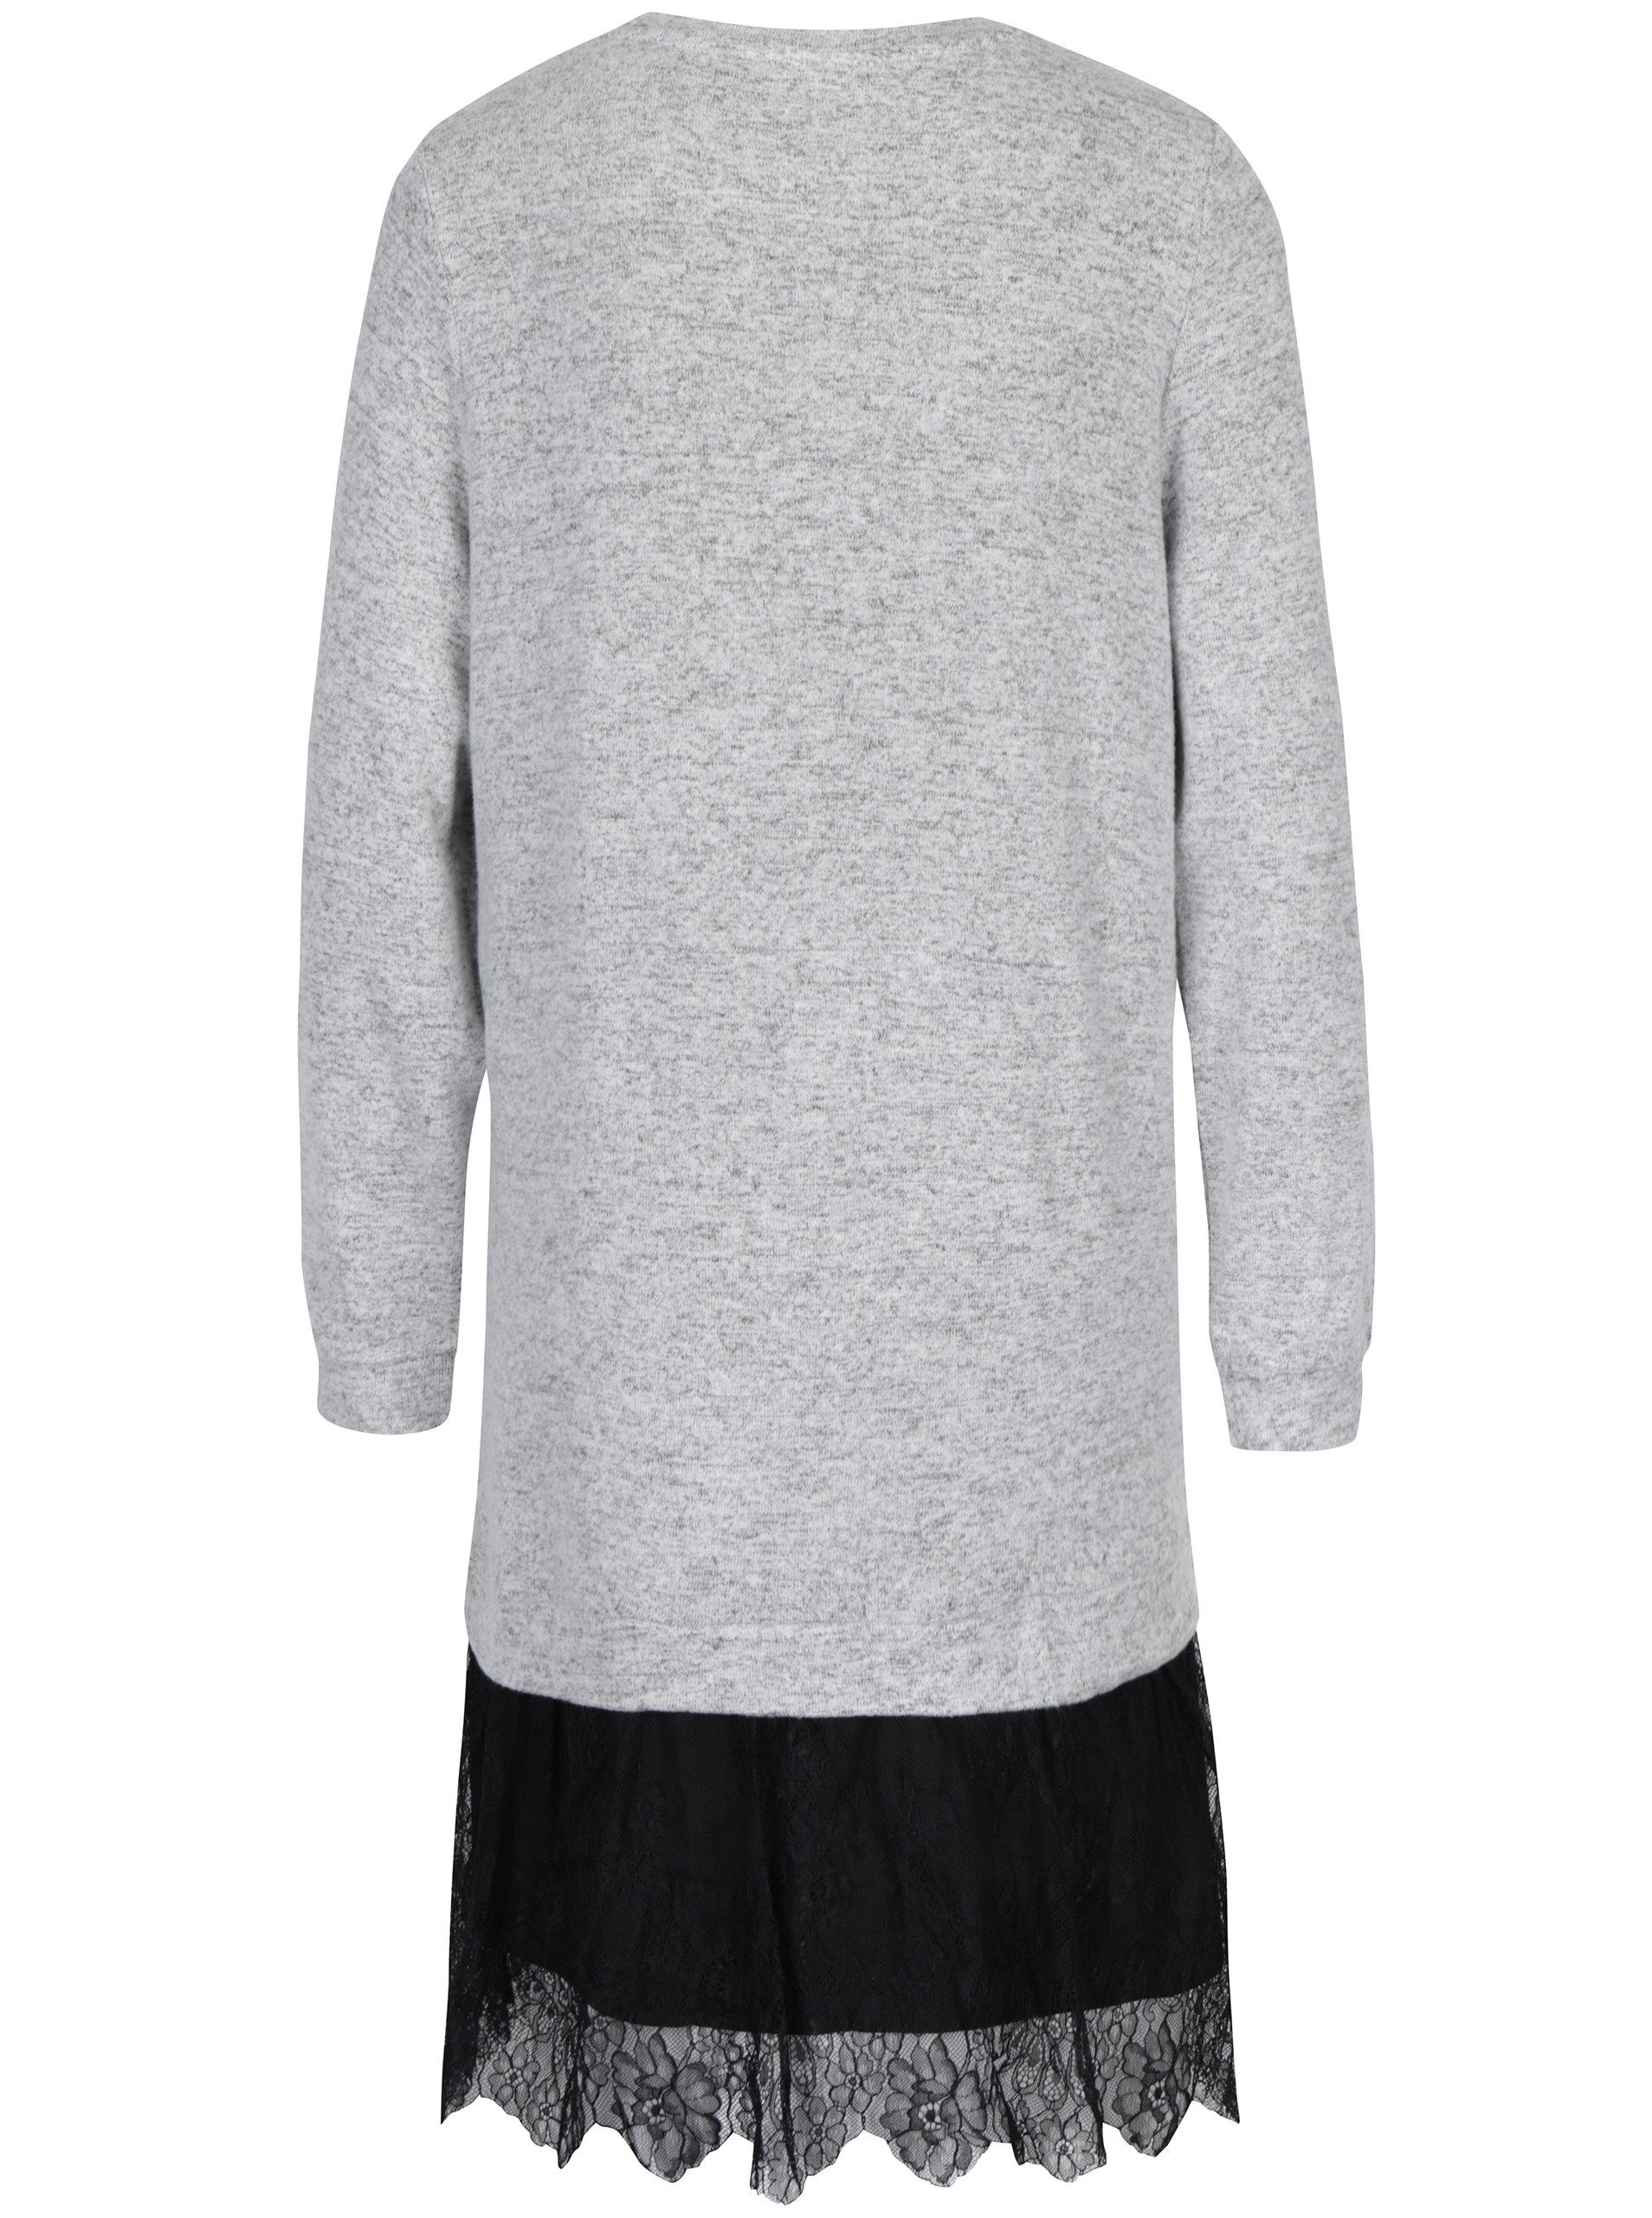 Světle šedé žíhané svetrové šaty s krajkou VERO MODA Gigi ... 48216de6133